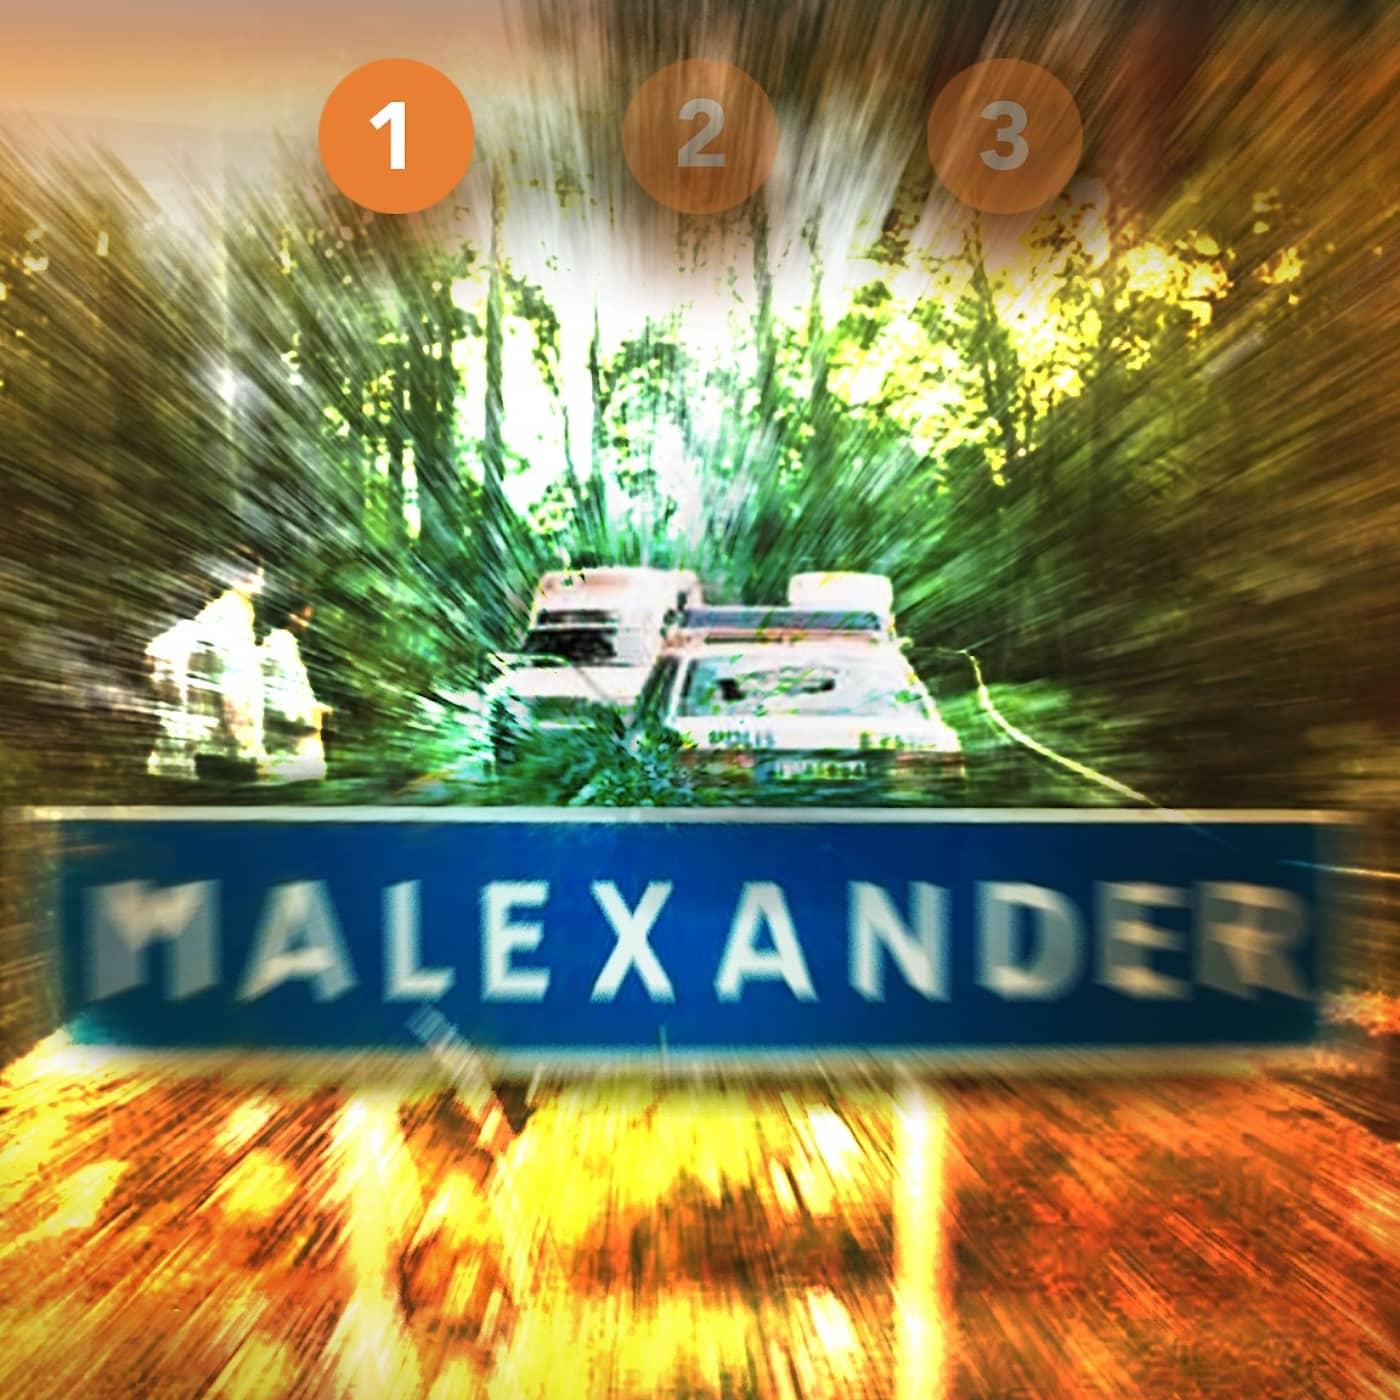 Malexander: Min pappa var odödlig